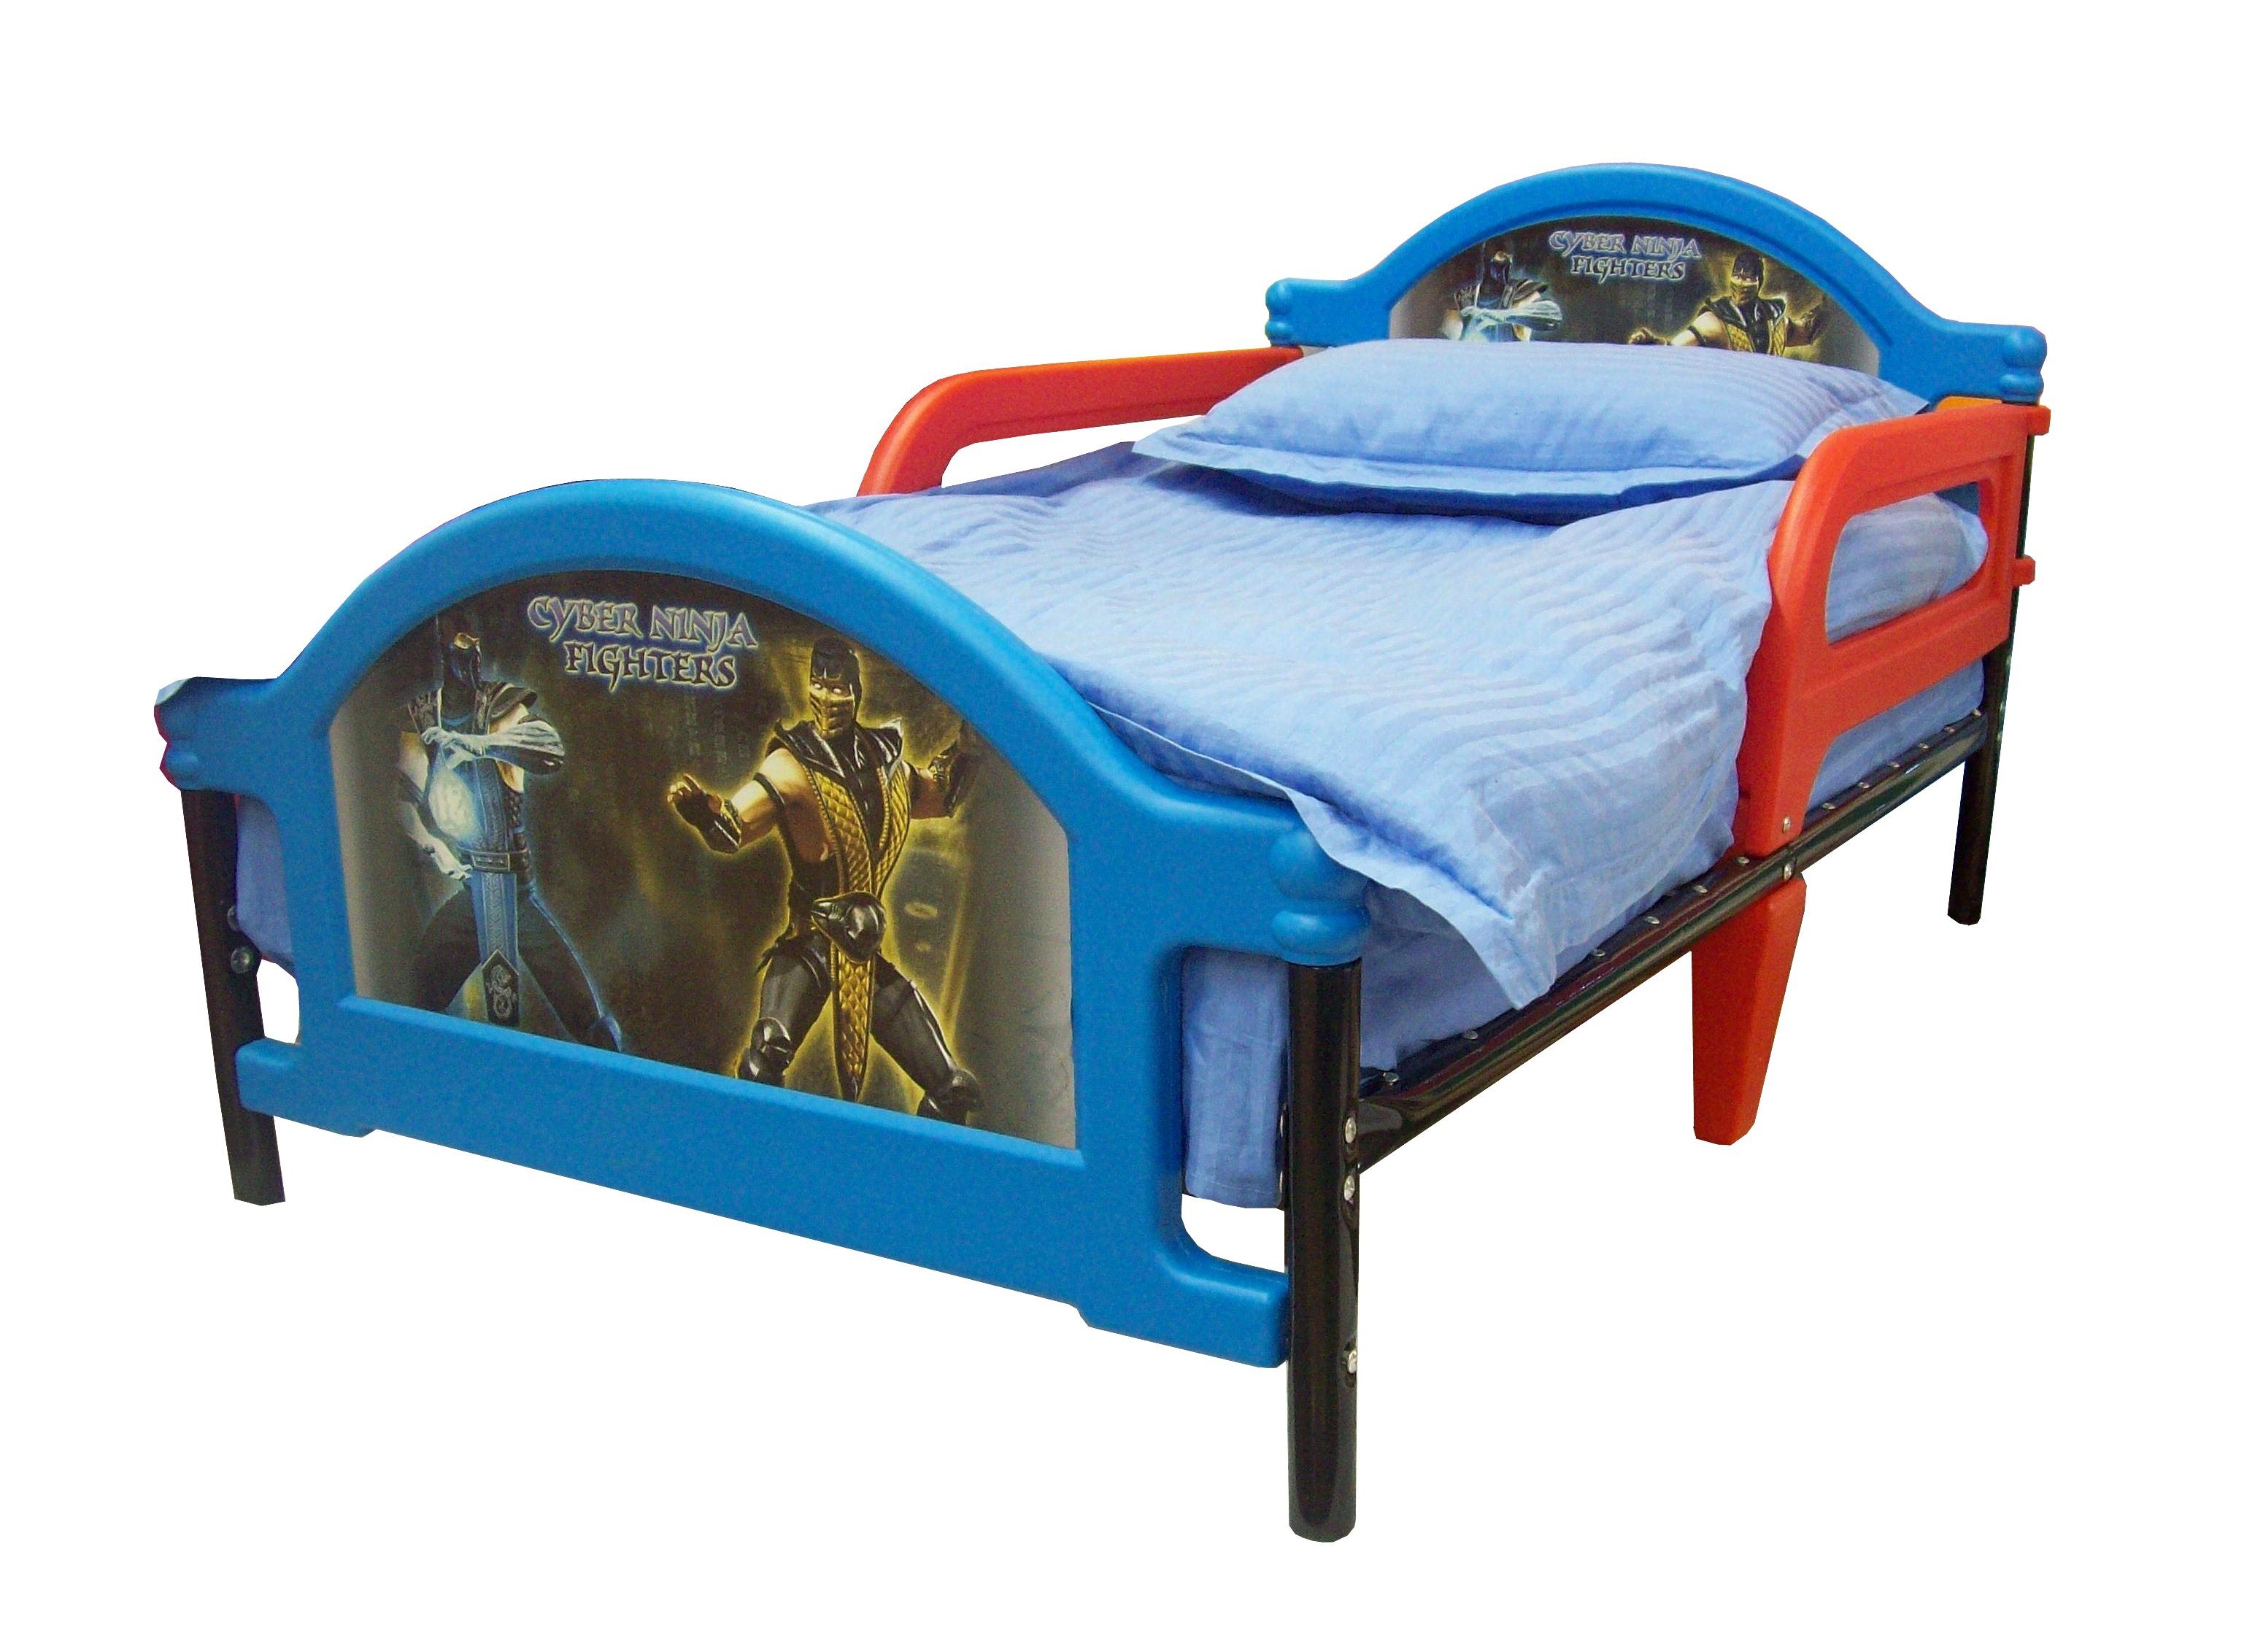 Детская кровать  Джуниор Cyber Ninja Fighters, кровать Кибервоины Ниндзя для дошкольника, от 1,5 до 6 лет, металл, пластик. Кровать с комплектом: постельное белье, одеяло, подушка., Самая безопасная детская кровать для дошкольник